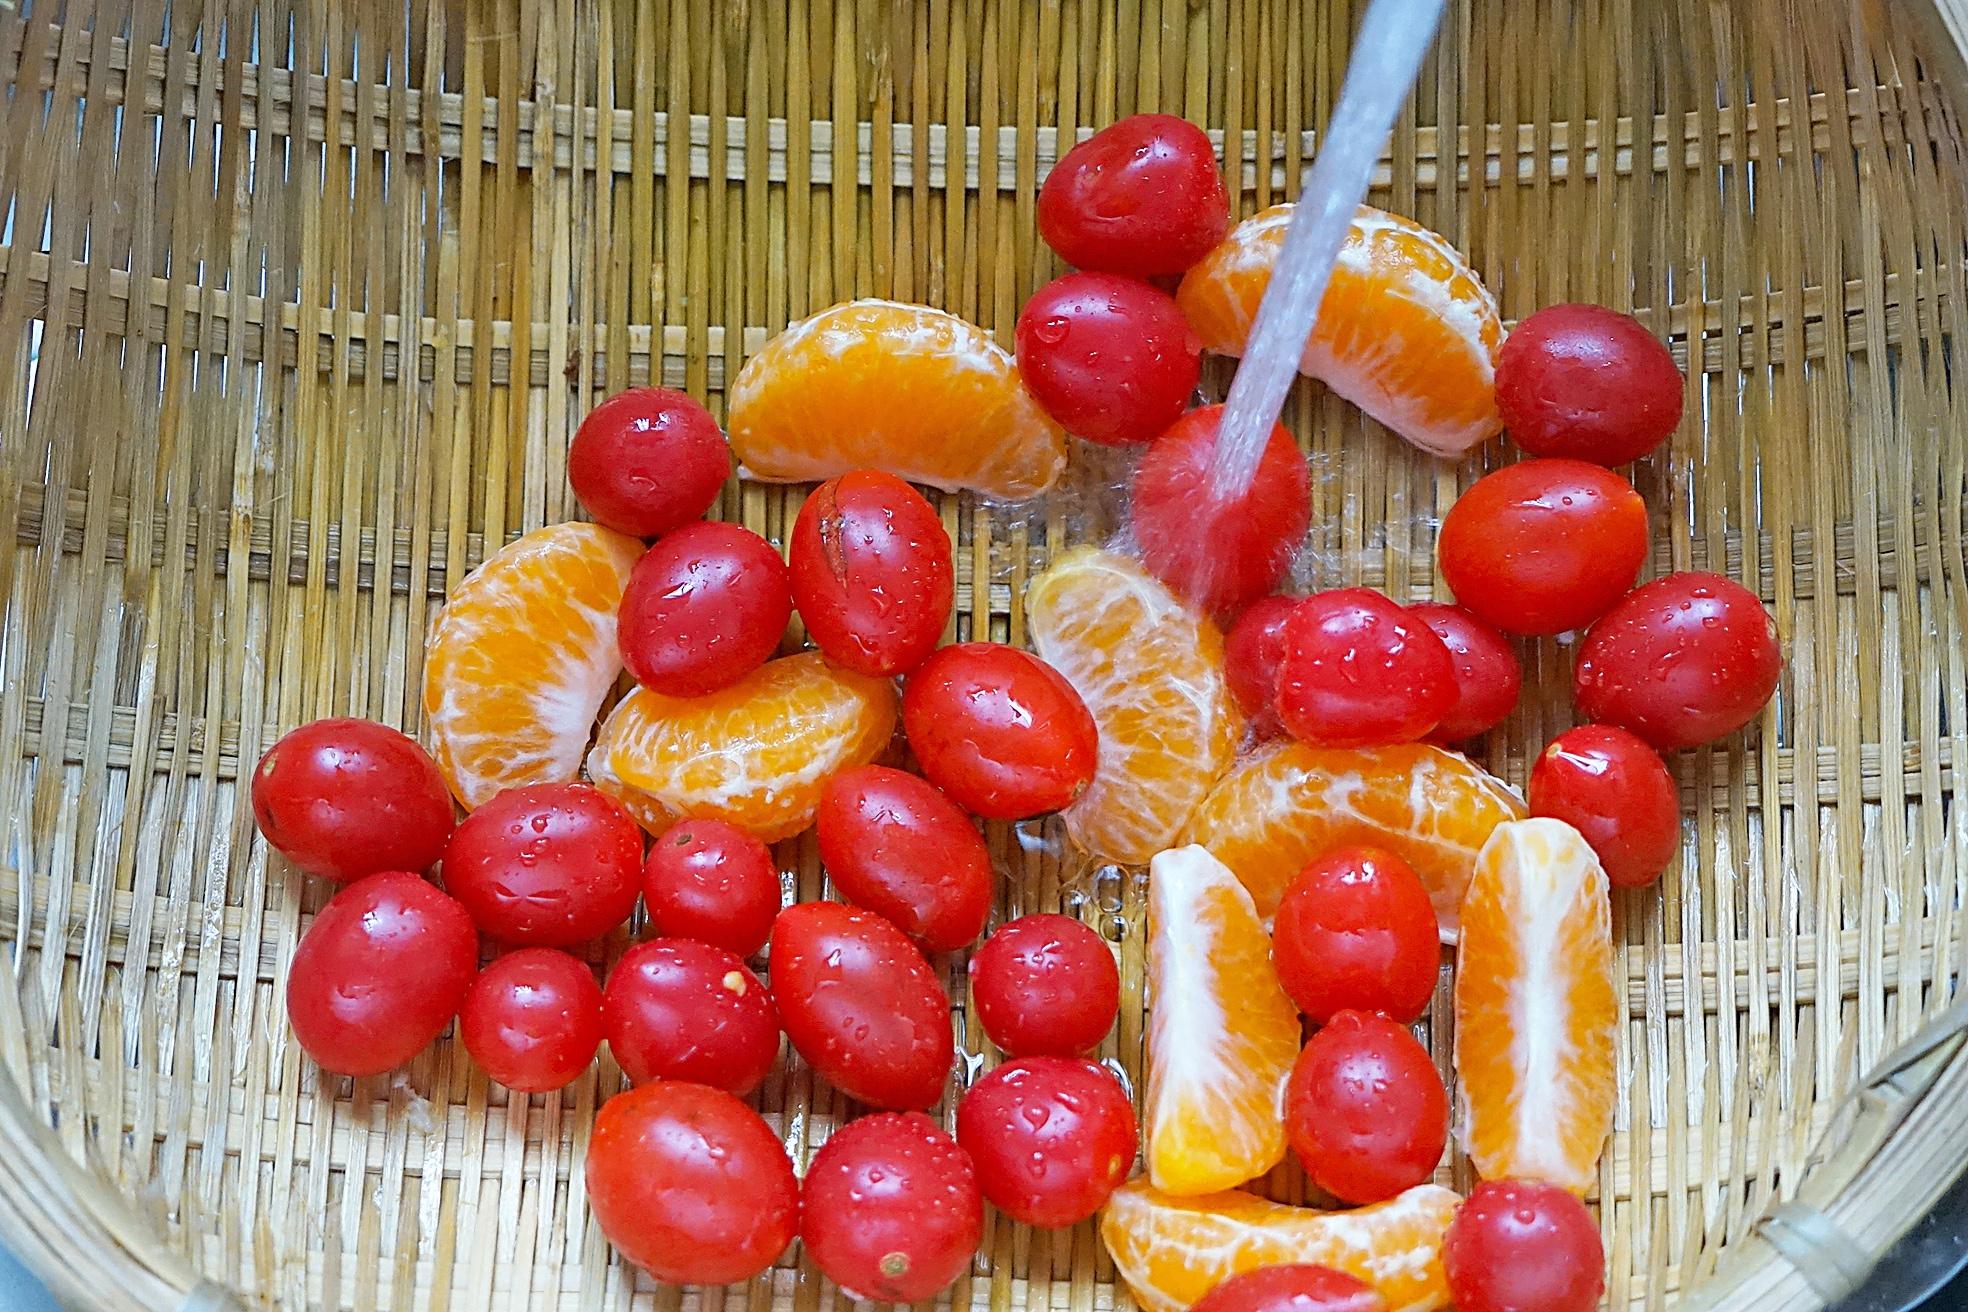 原来水果还能这么吃,比生吃好吃10倍,营养又高,1分钟就学会 美食做法 第3张